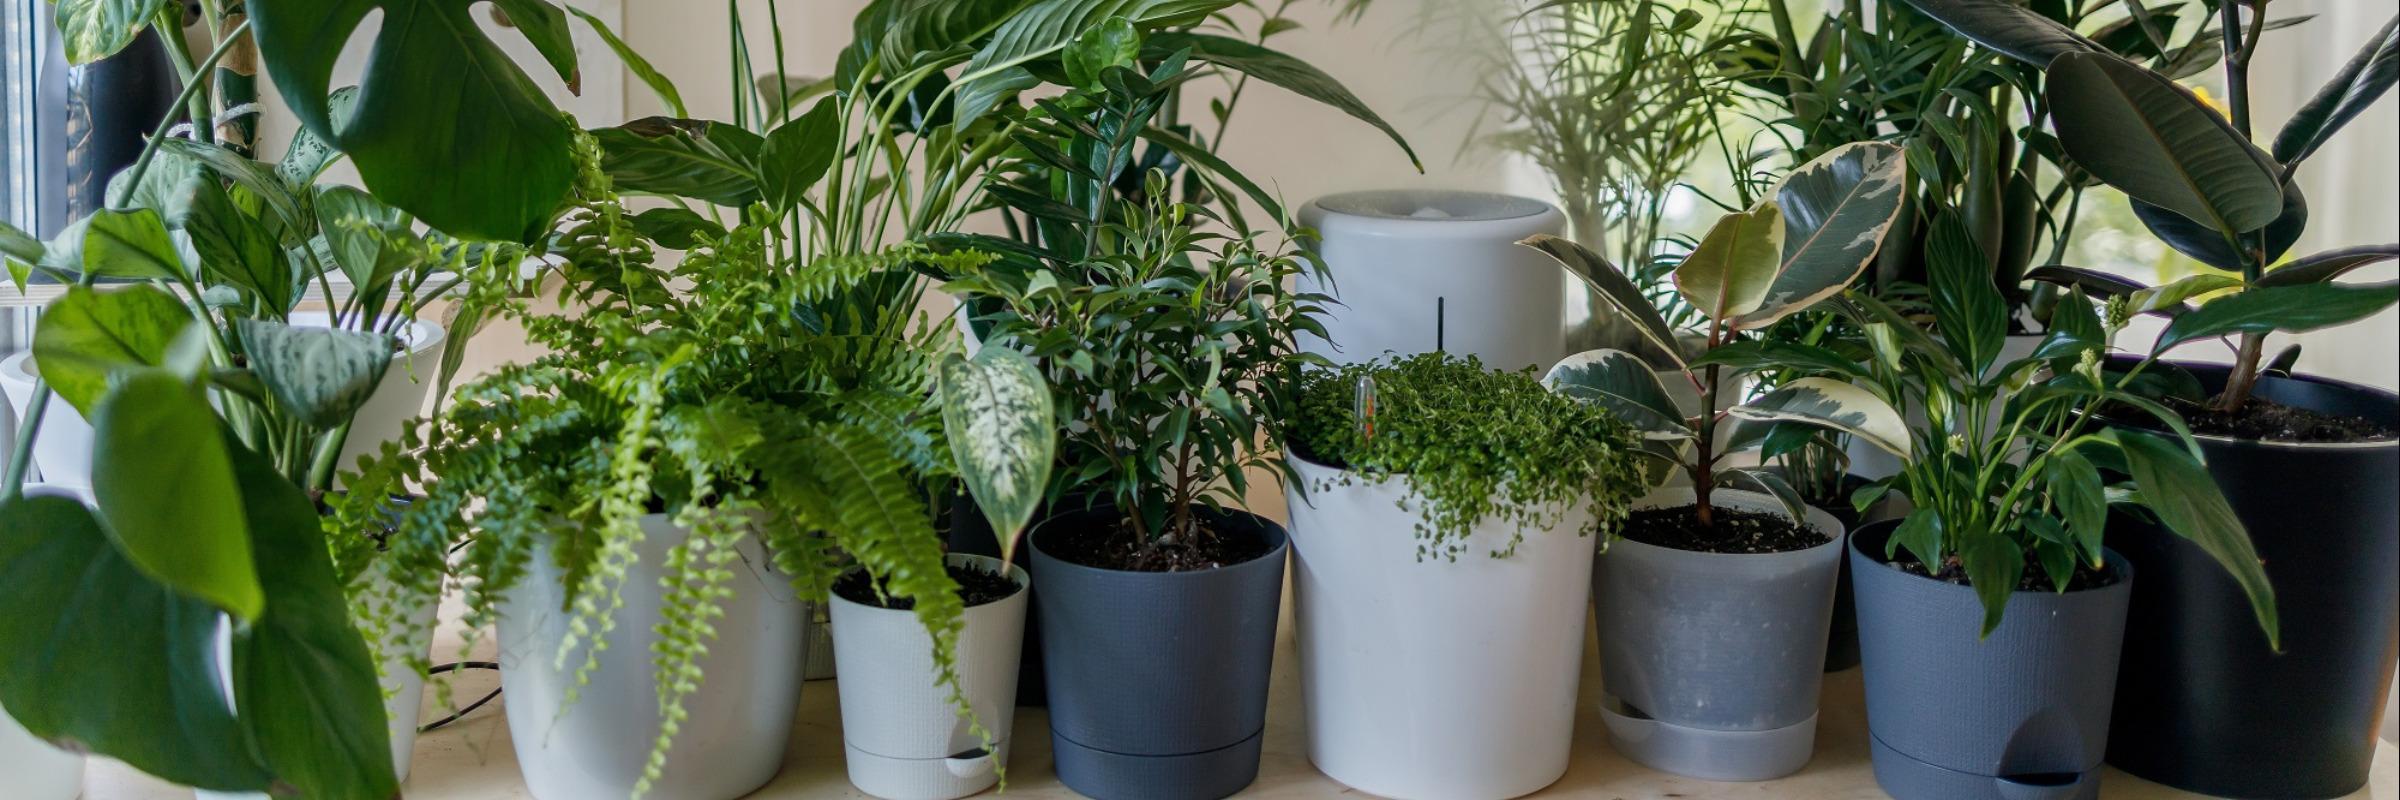 Top 16: Zimmerpflanzen für wenig Licht